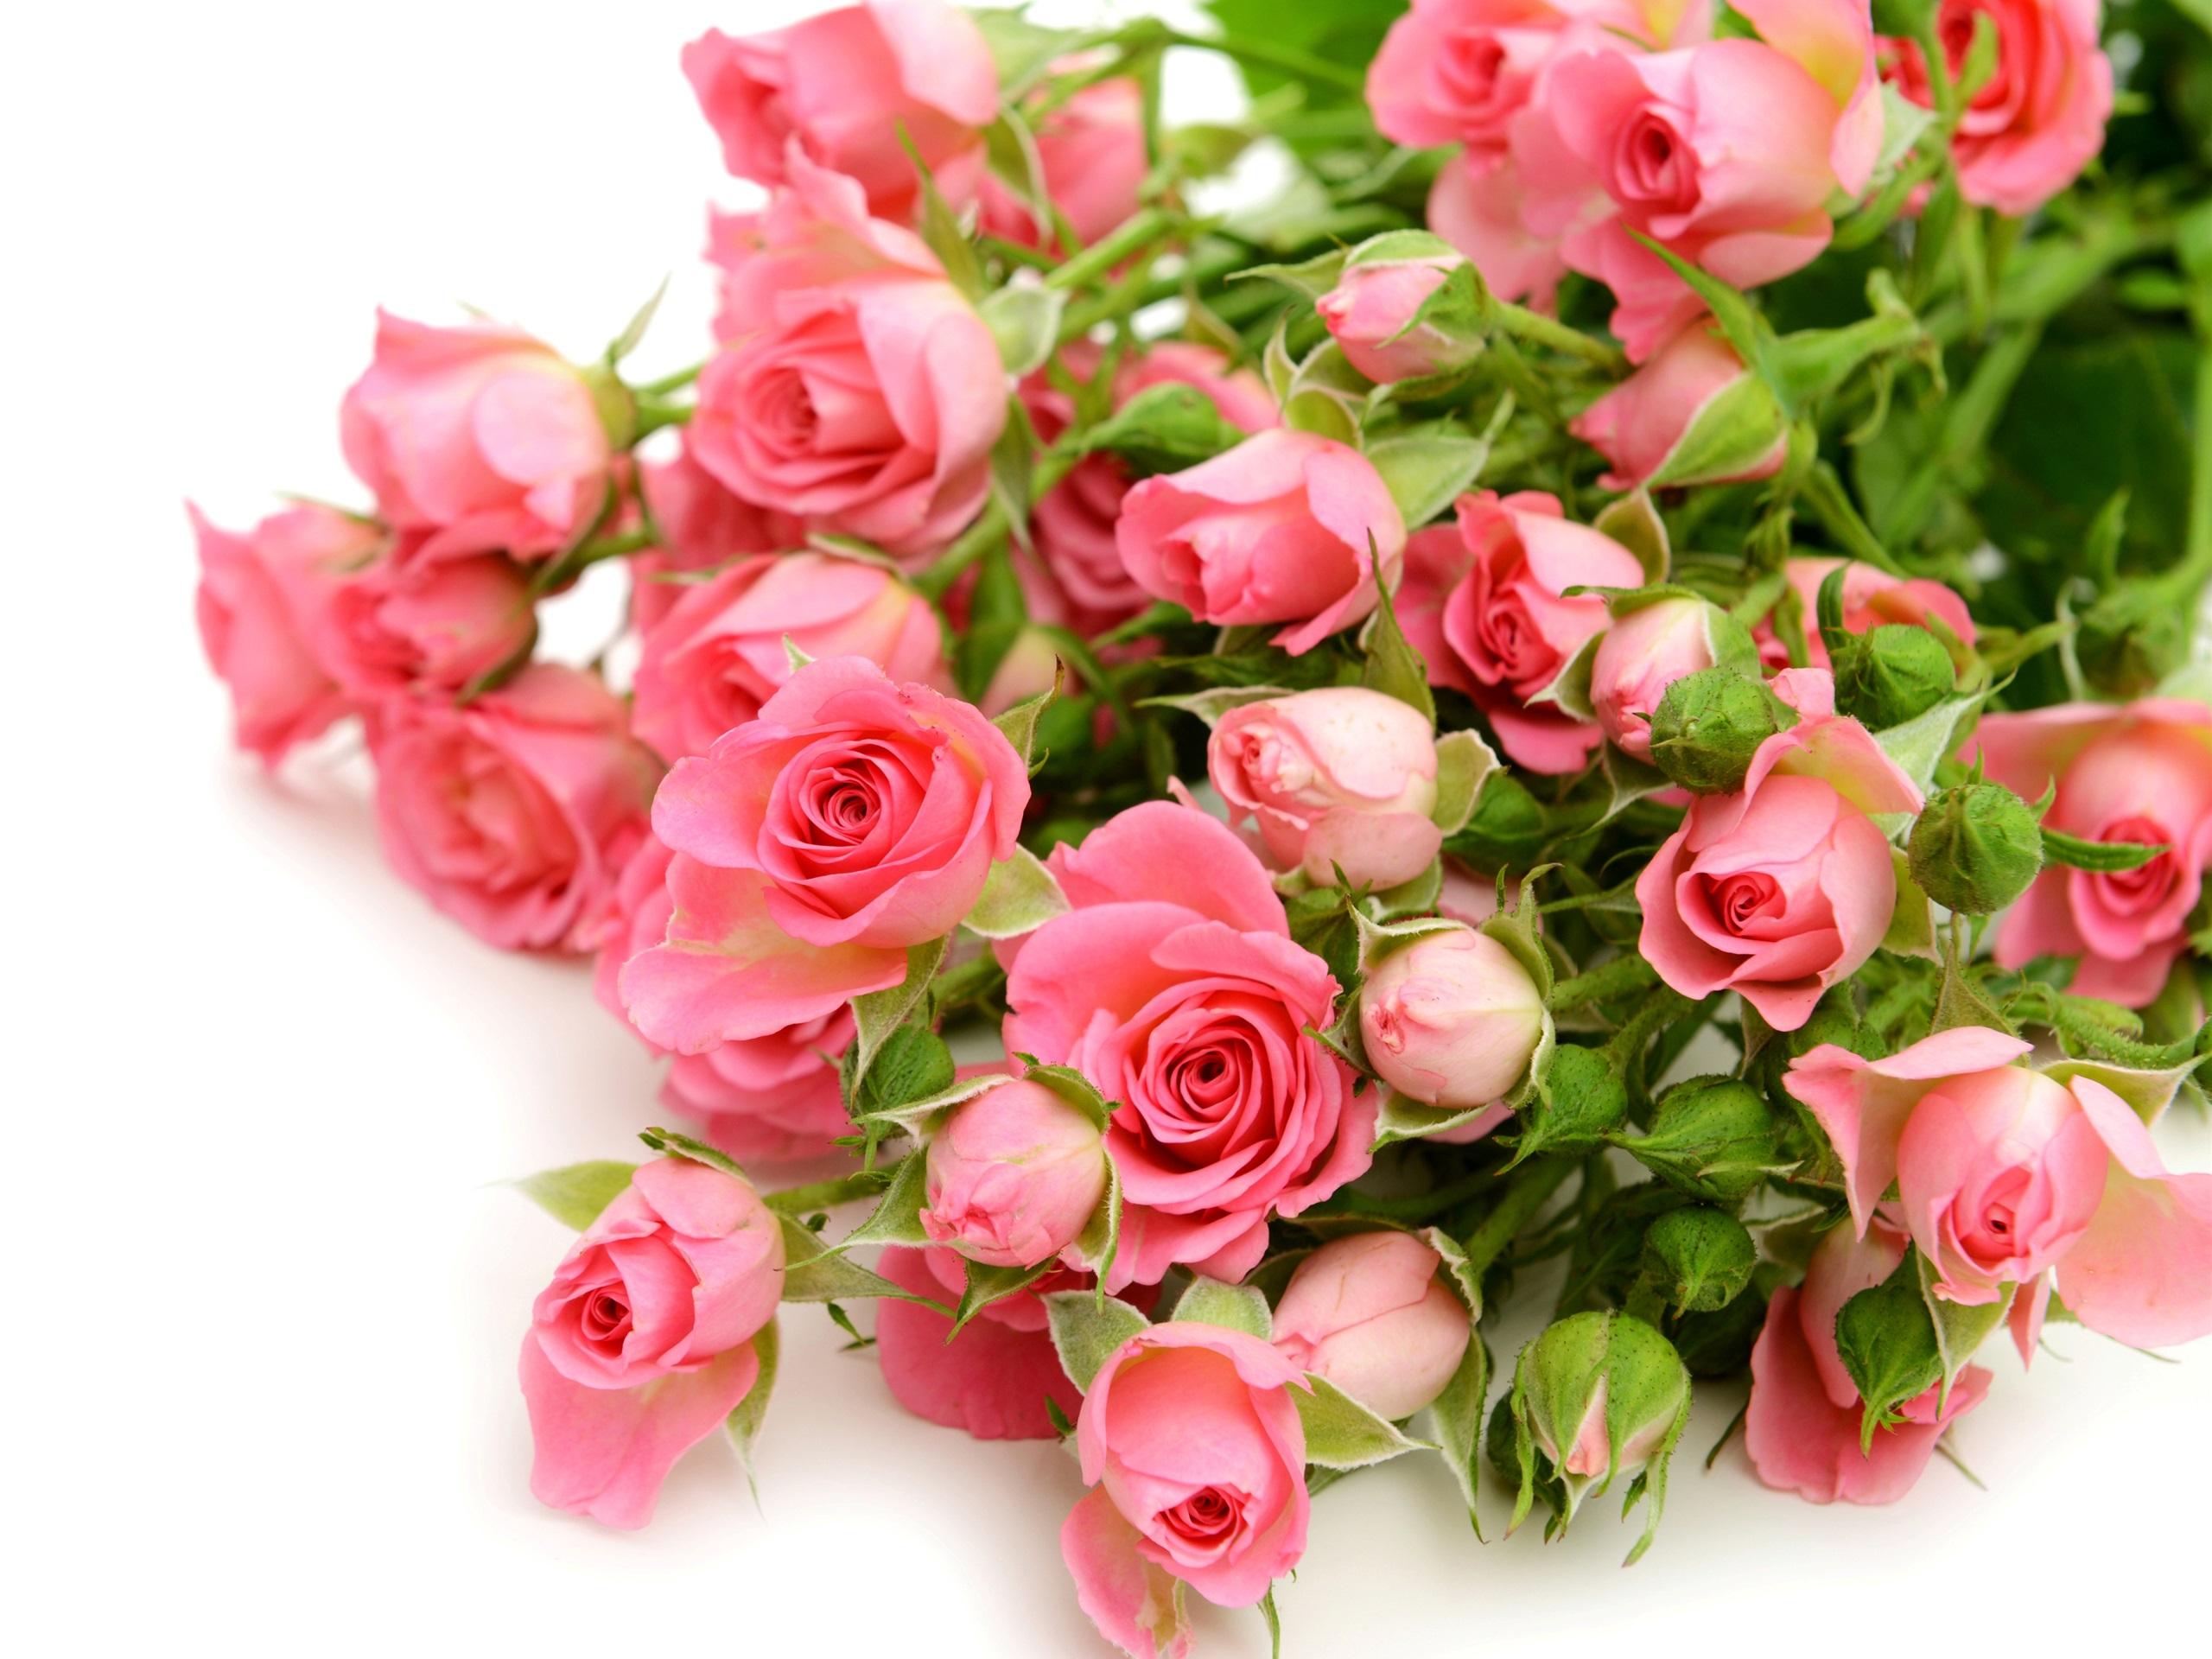 Картинки розовые розы на белом фоне, новым